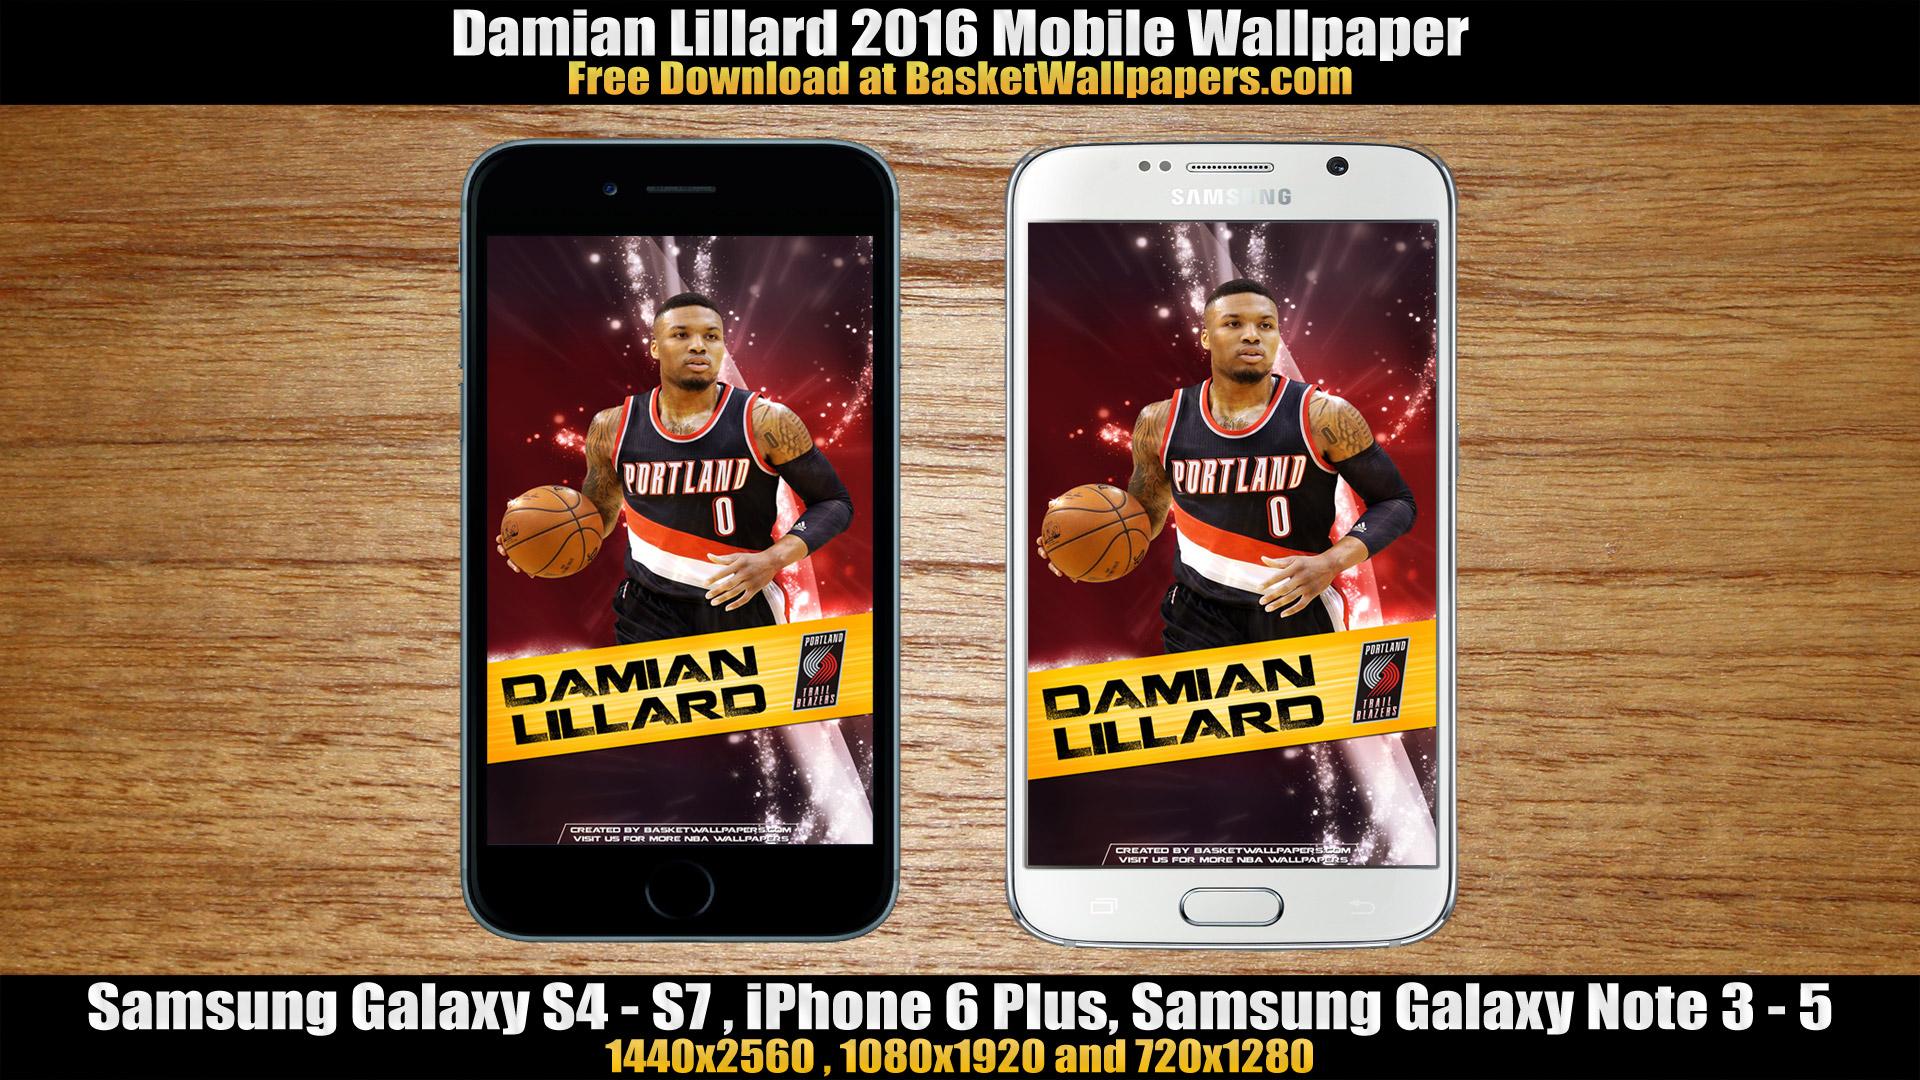 Damian Lillard Portland Trail Blazers 2016 Mobile Wallpaper